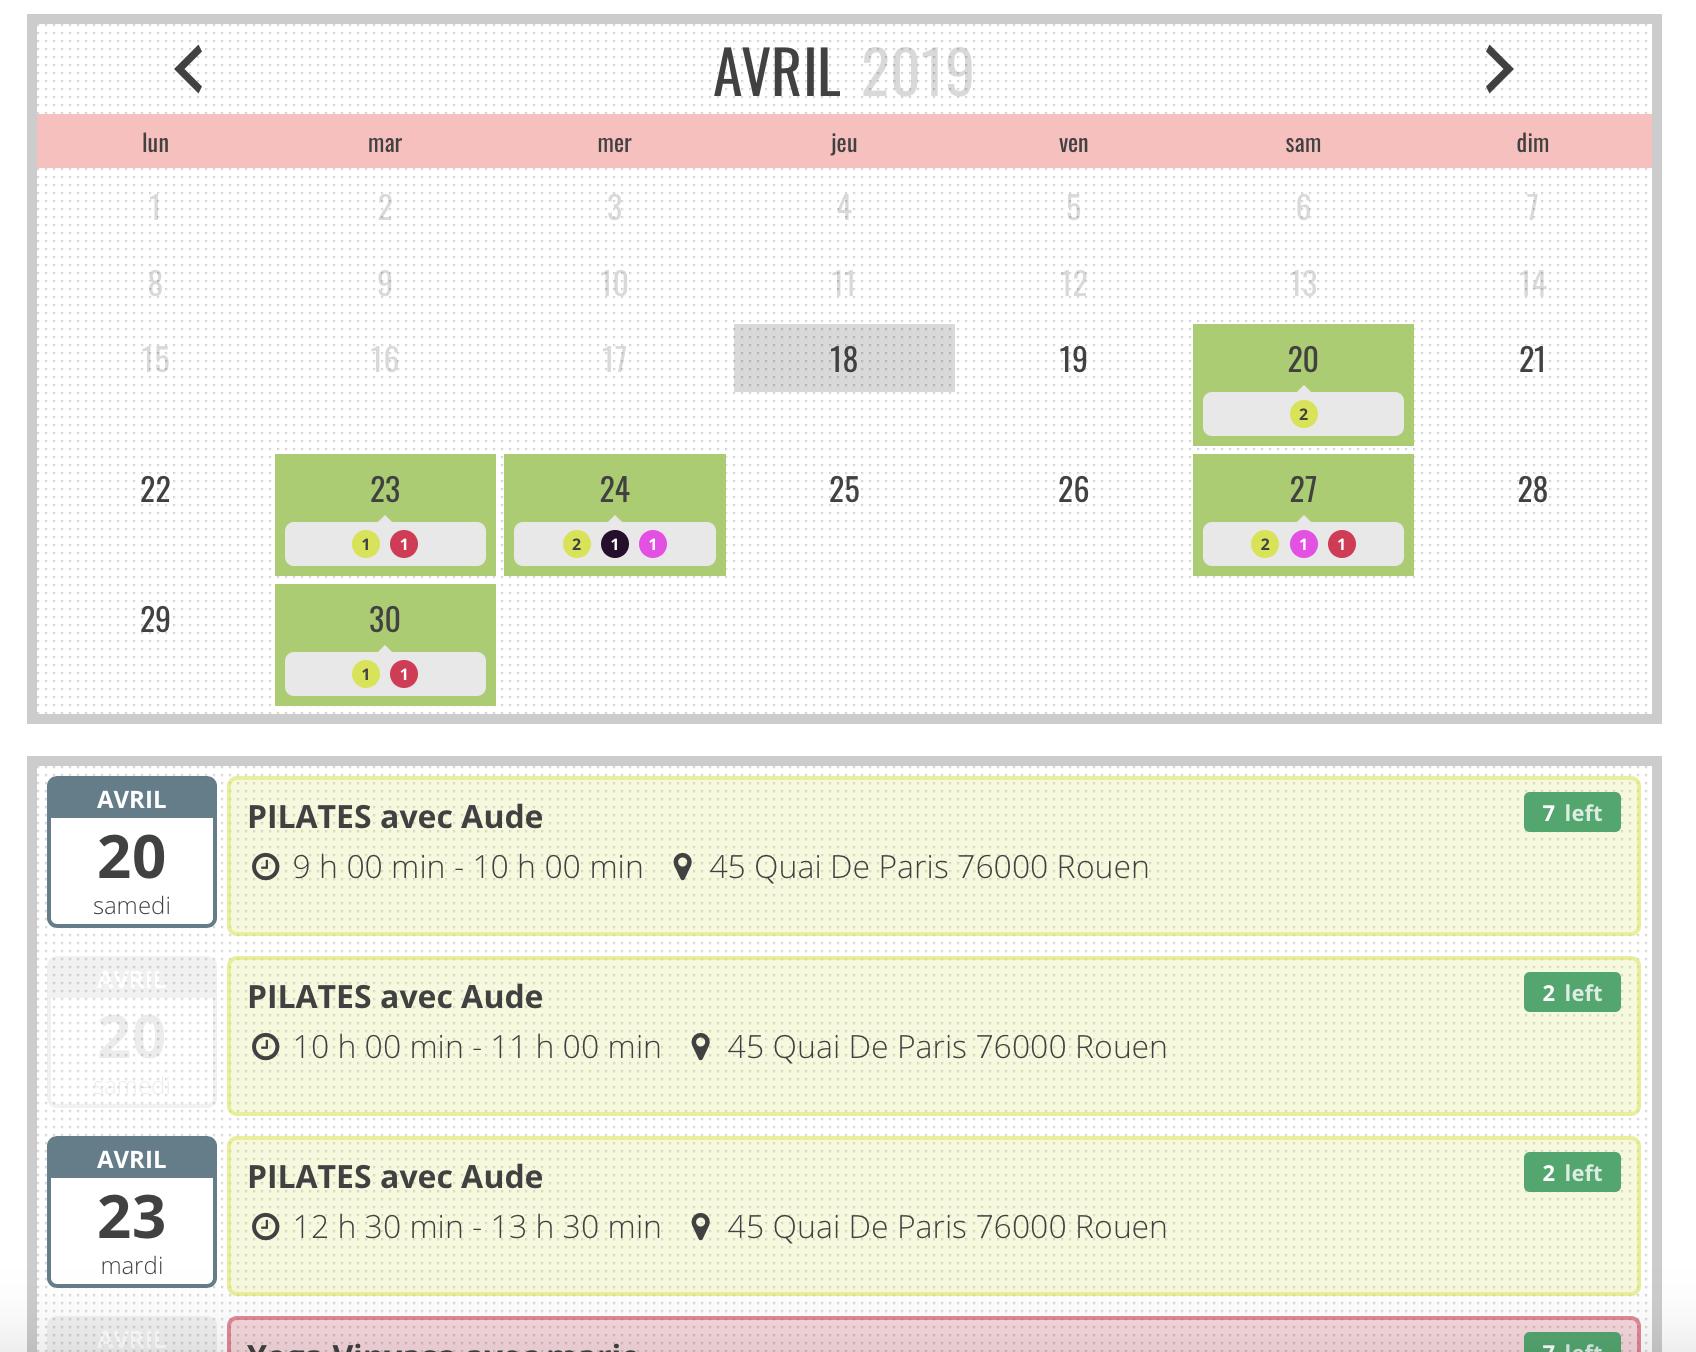 Capture d'écran 2019-04-18 à 20.48.43.png